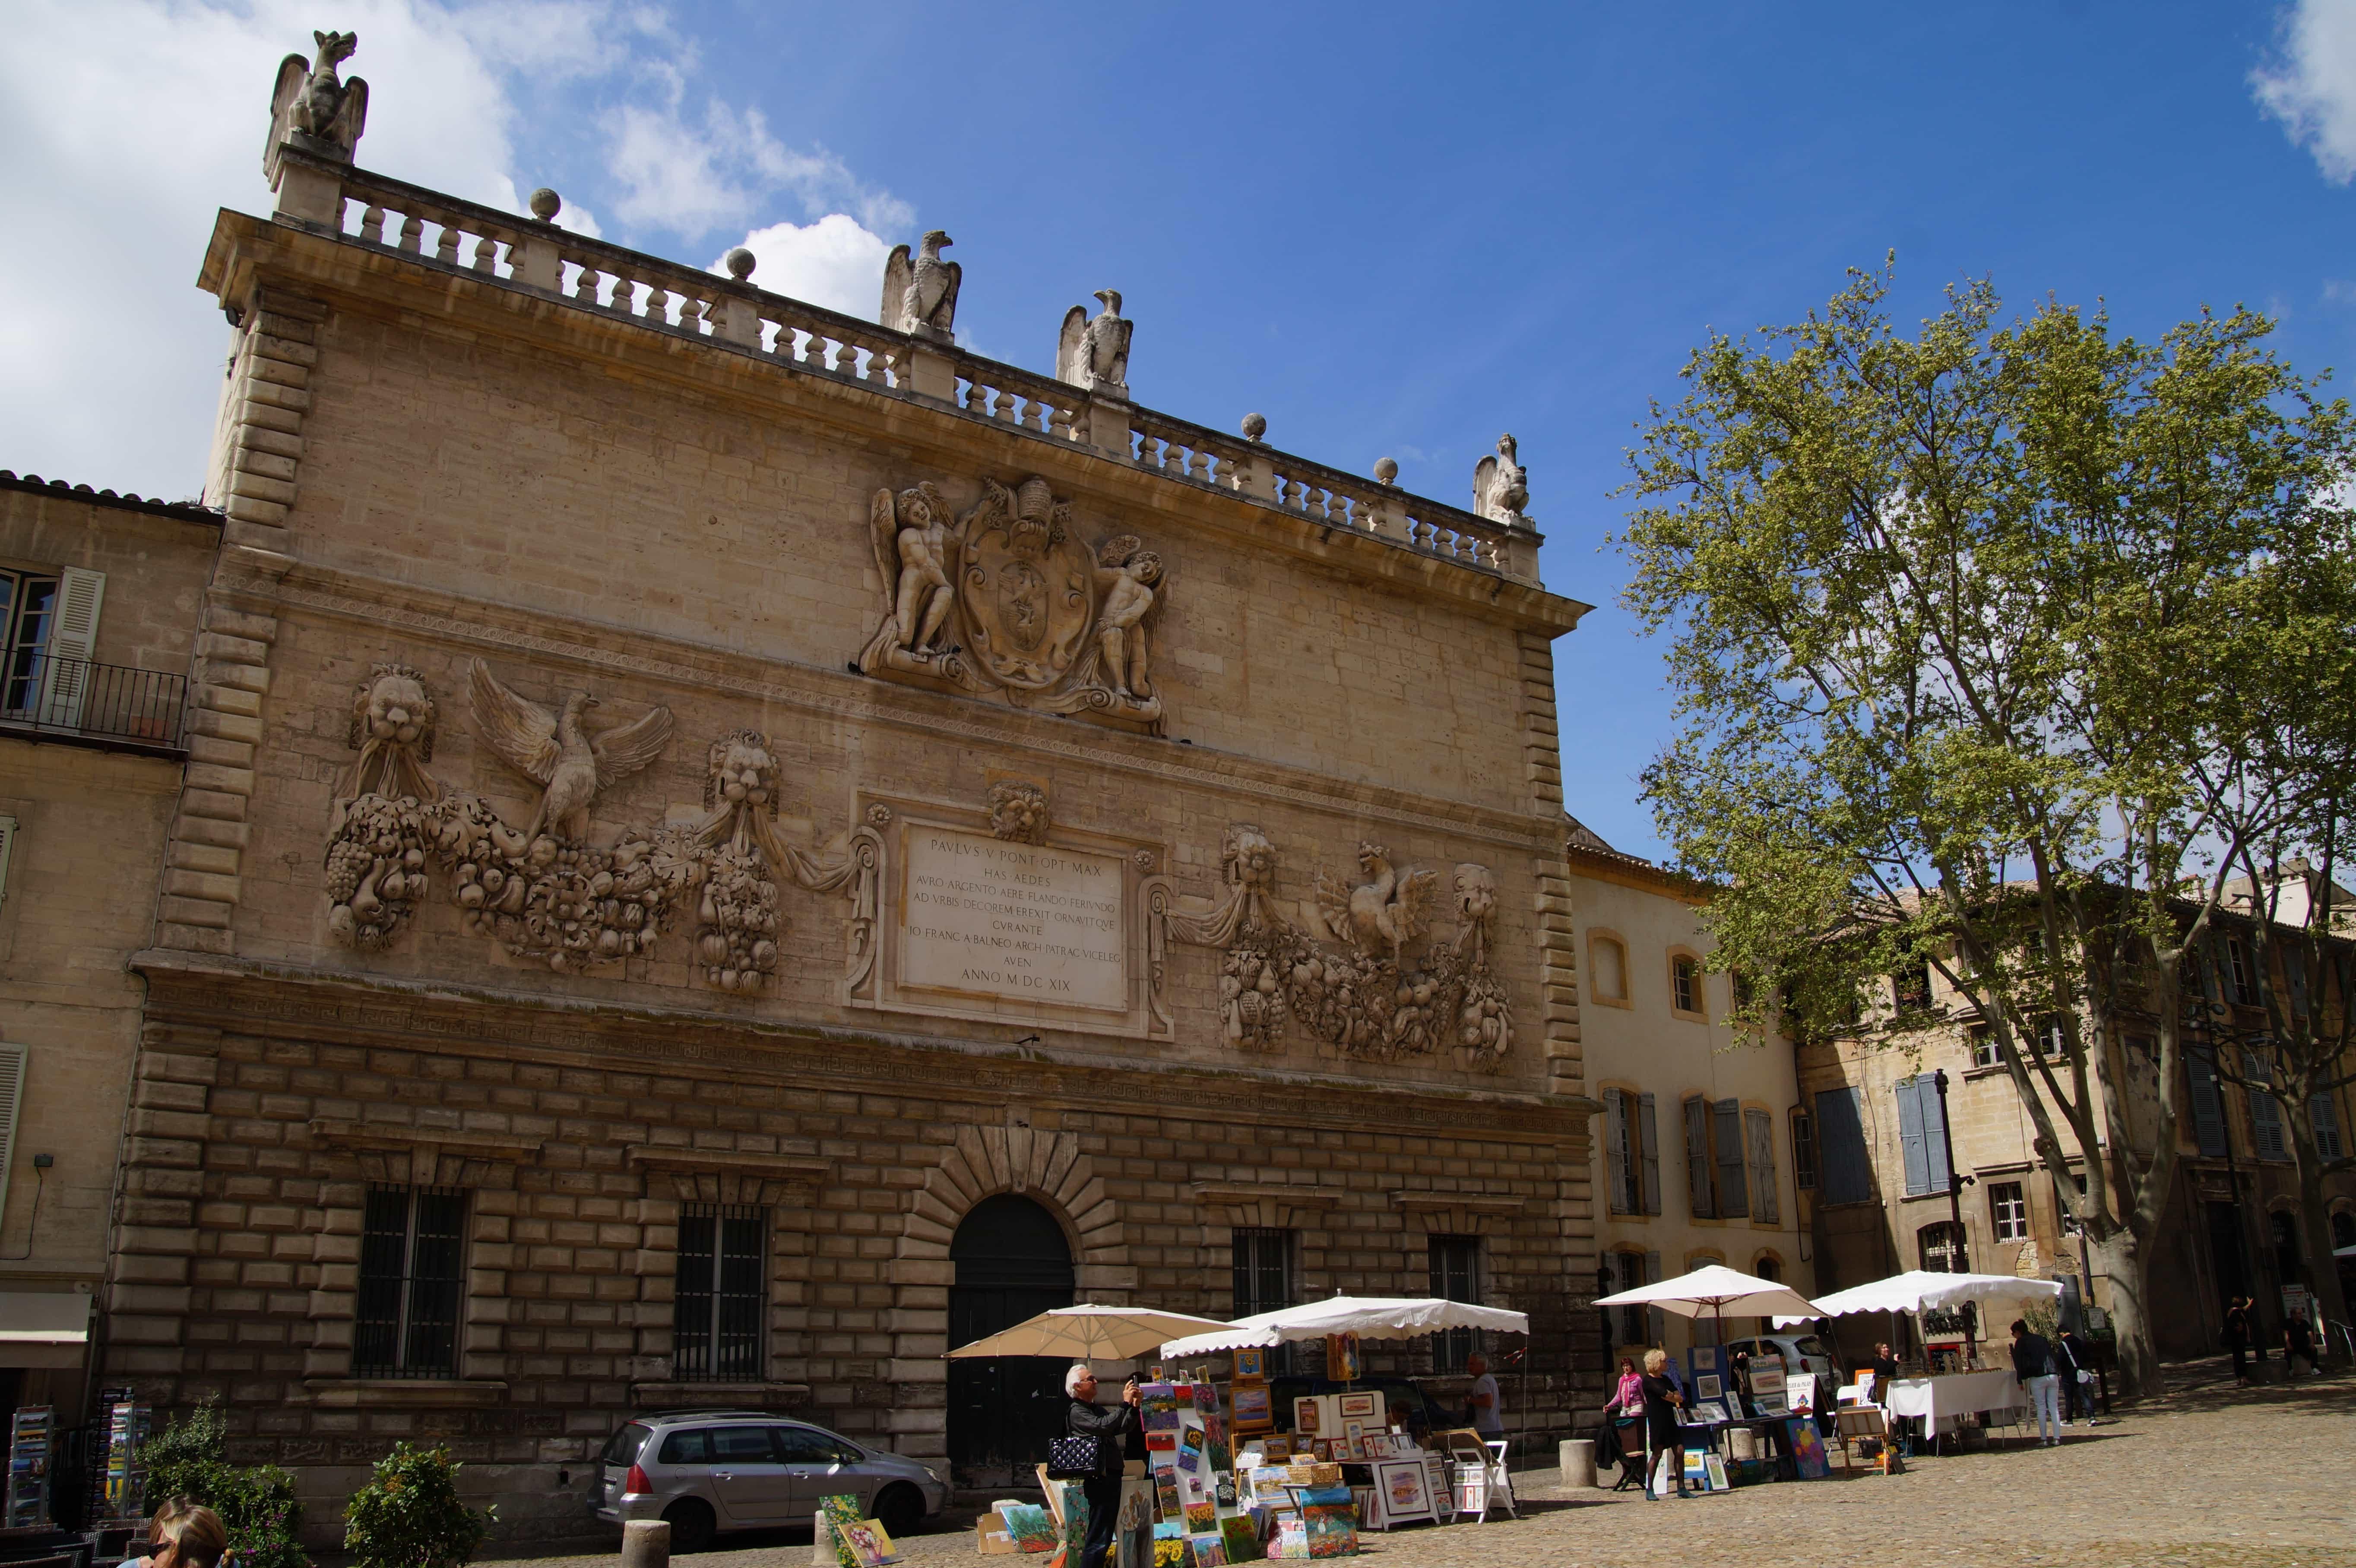 Gebäude in Avignon in Frankreich